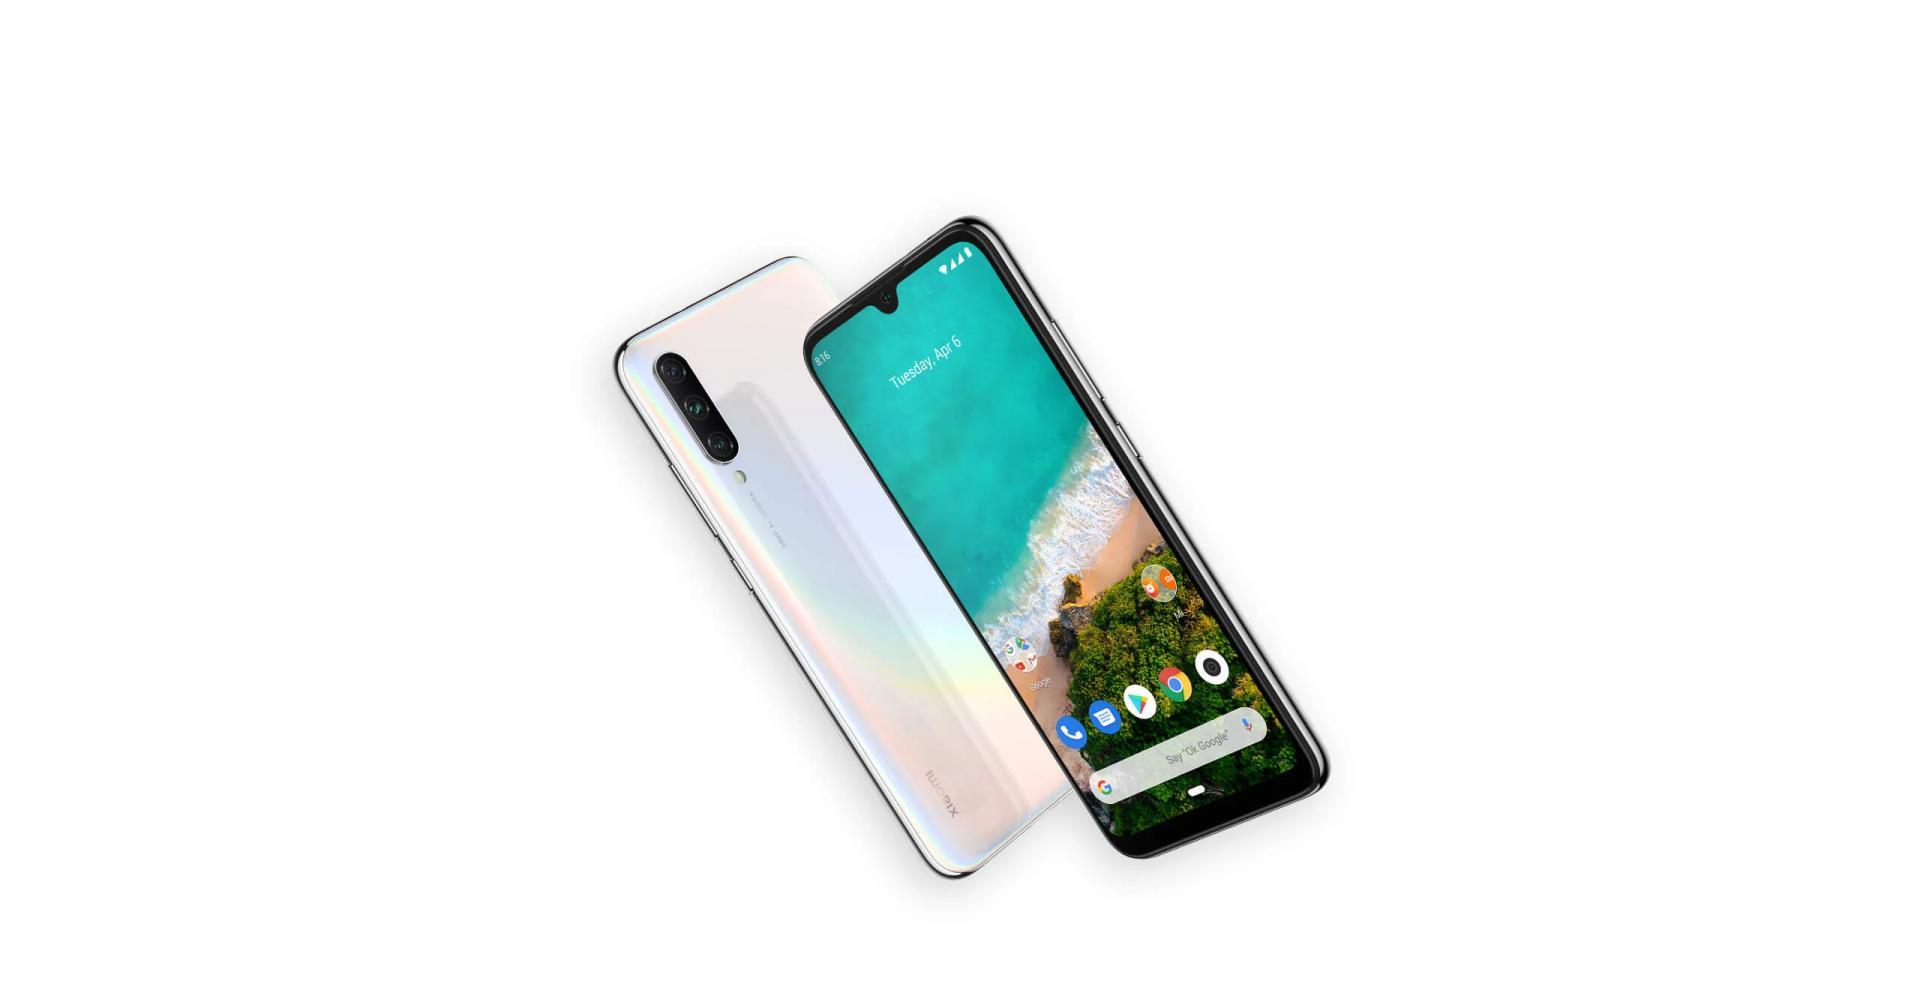 Смартфоны Xiaomi превращаются в кирпич без восстановления — неудачное обновление